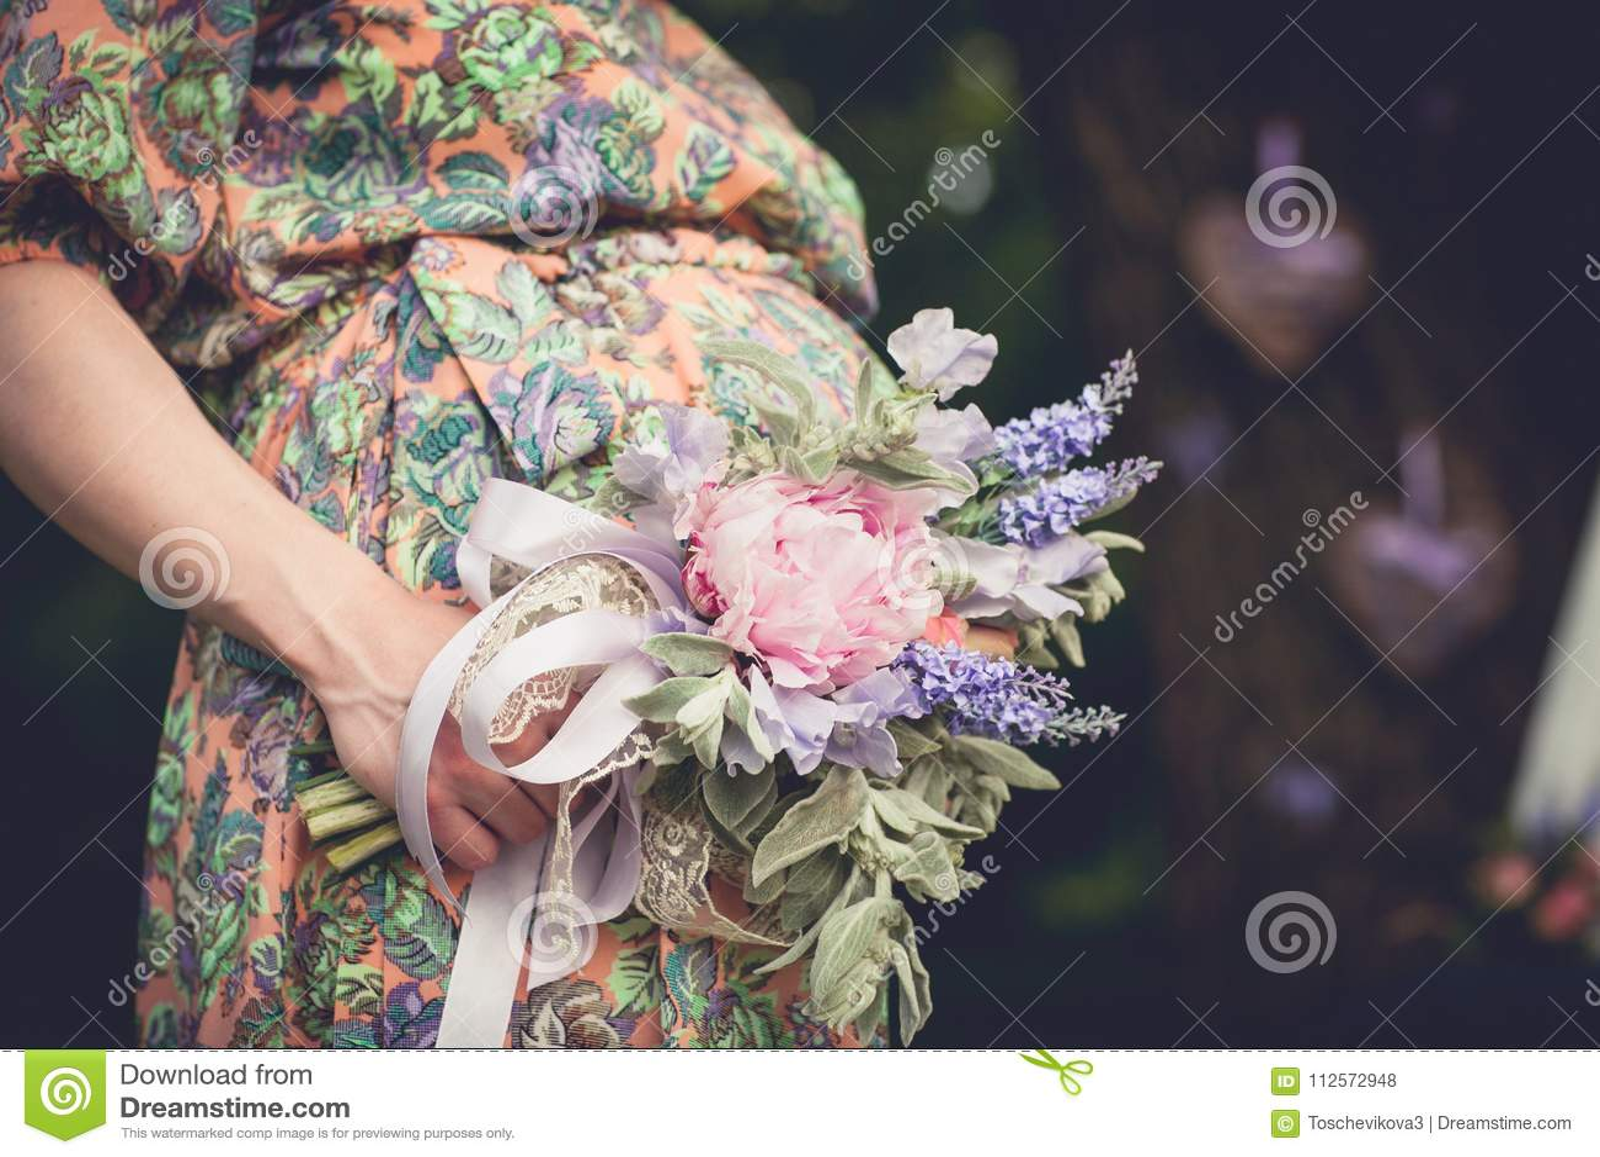 Gravida kvinnan med den ljusa sommarbuketten av blommor rymmer händer på buken på en solig dag utomhus Havandeskap föräldraskap,